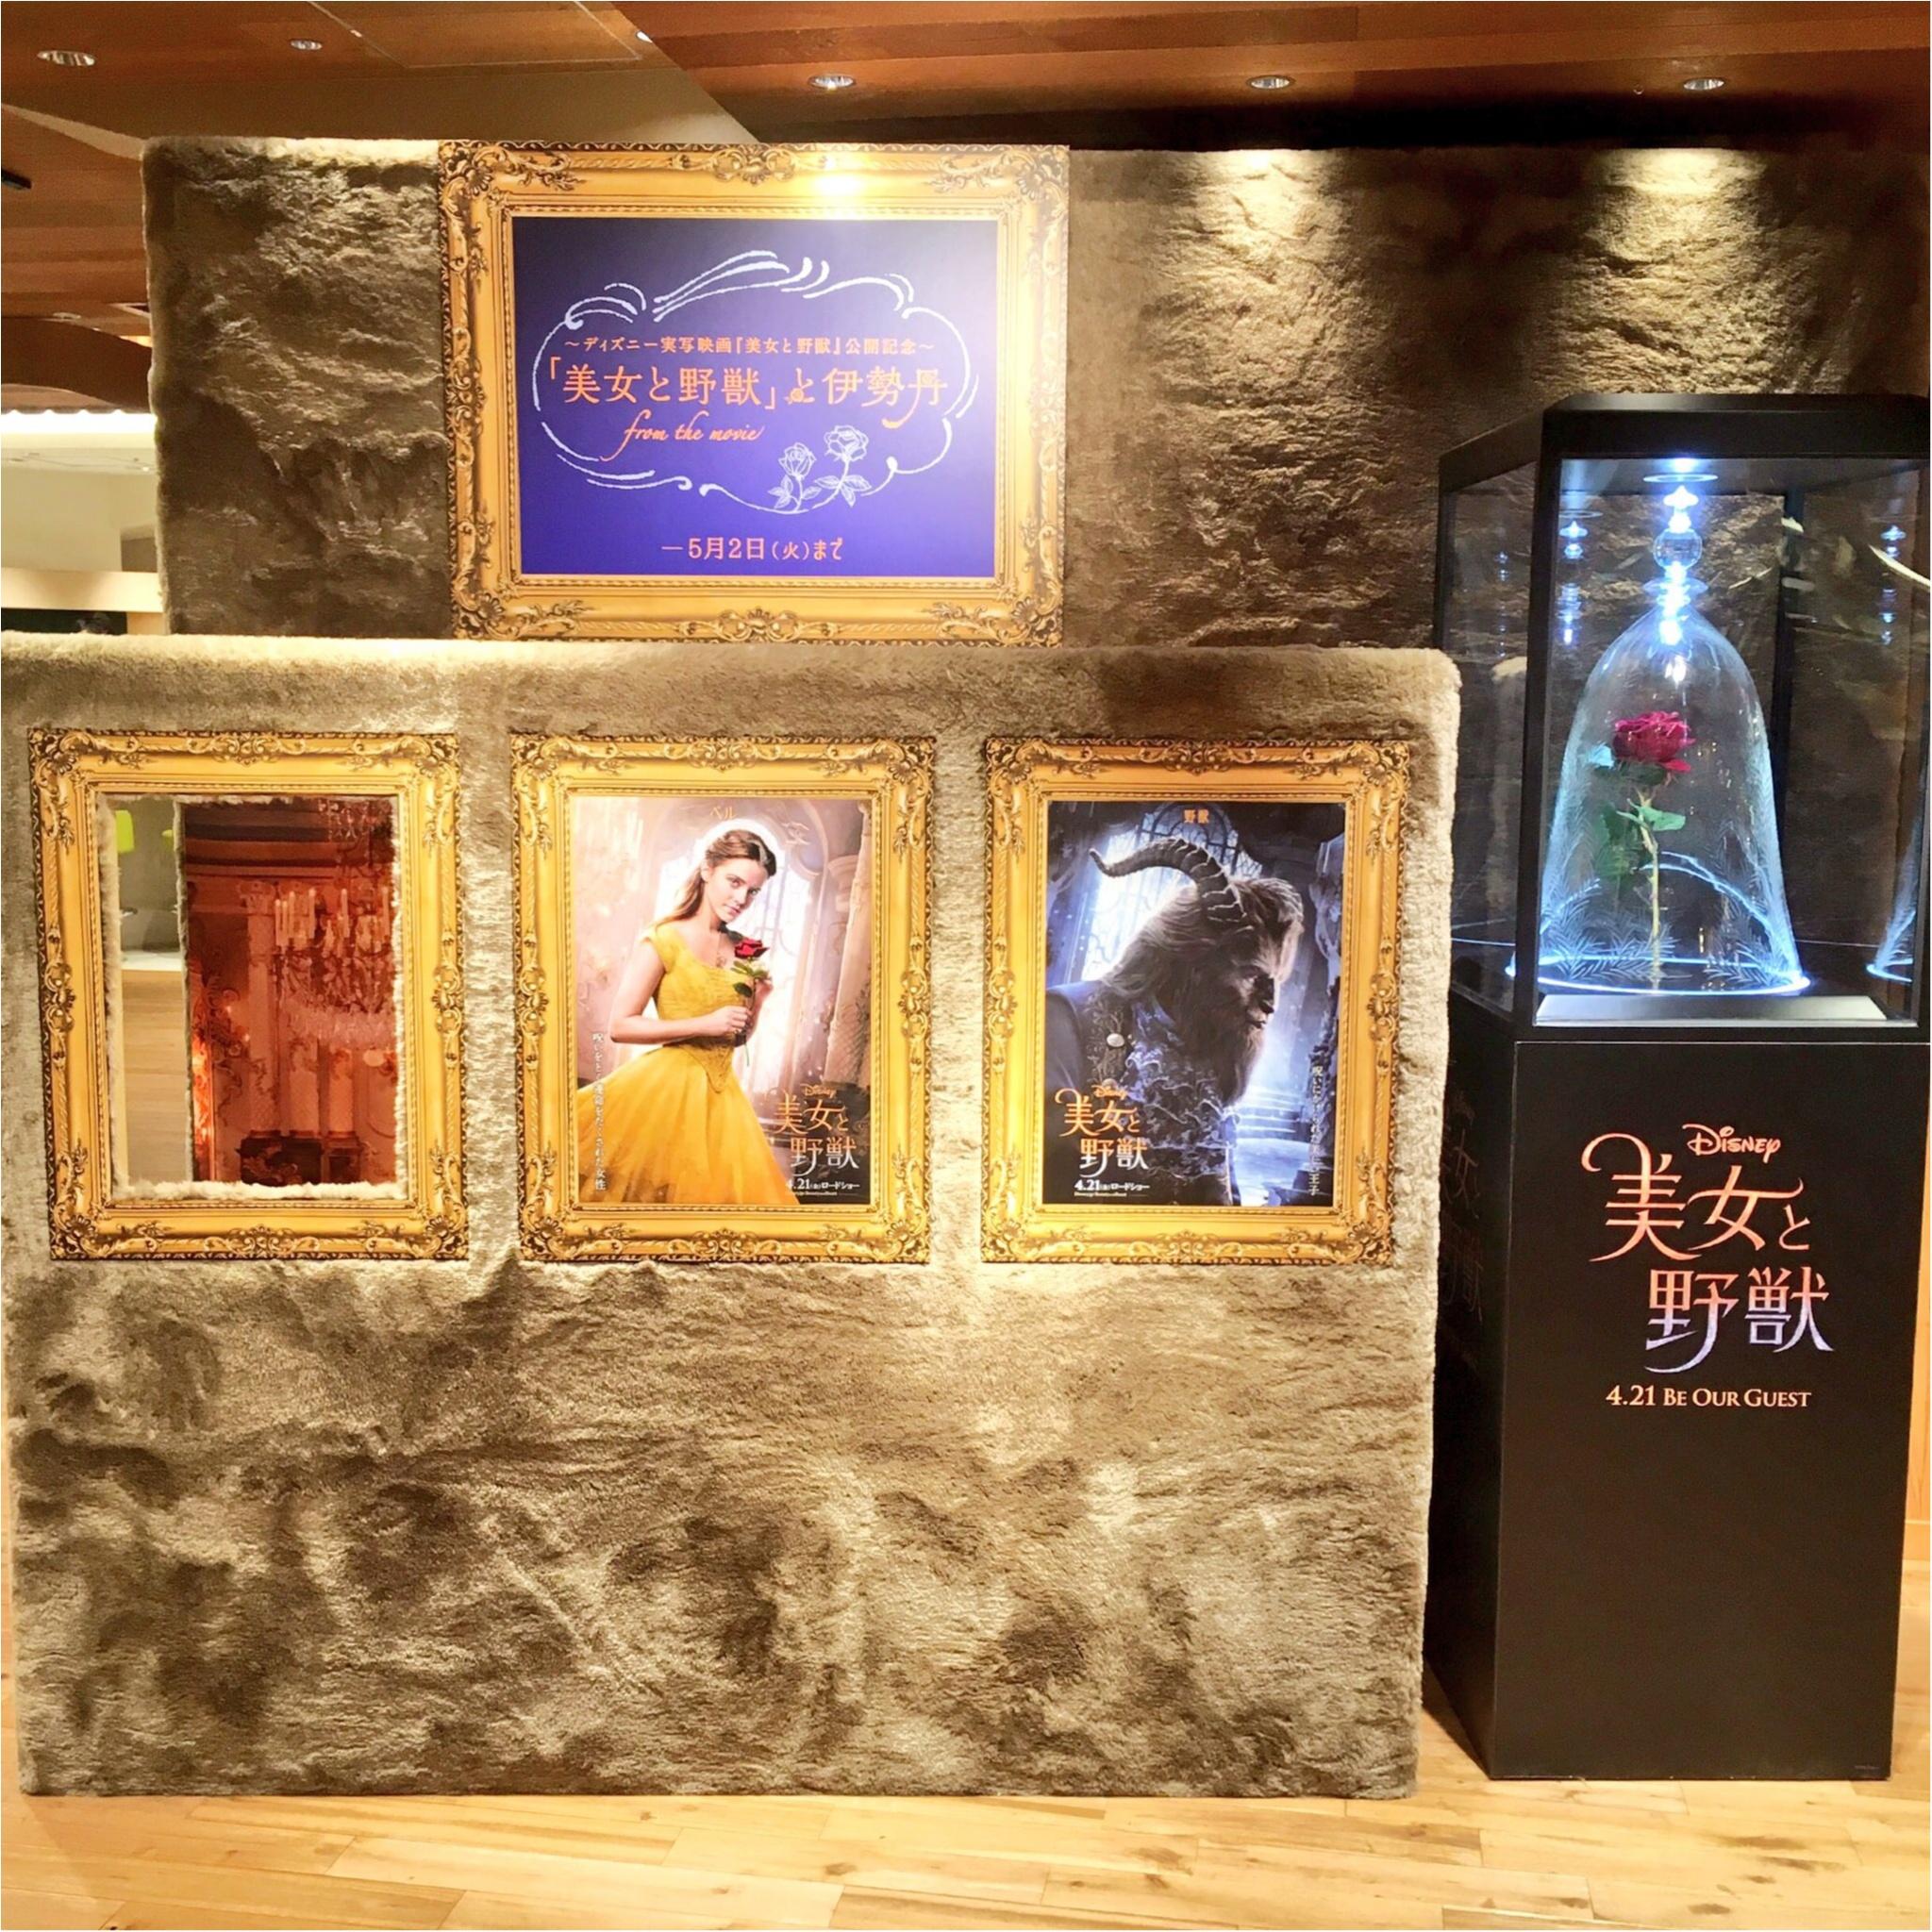 『美女と野獣』と伊勢丹展に行ってきました♡なんと、お値段◯◯◯万円のガラス製ローズドームの販売も…!_2